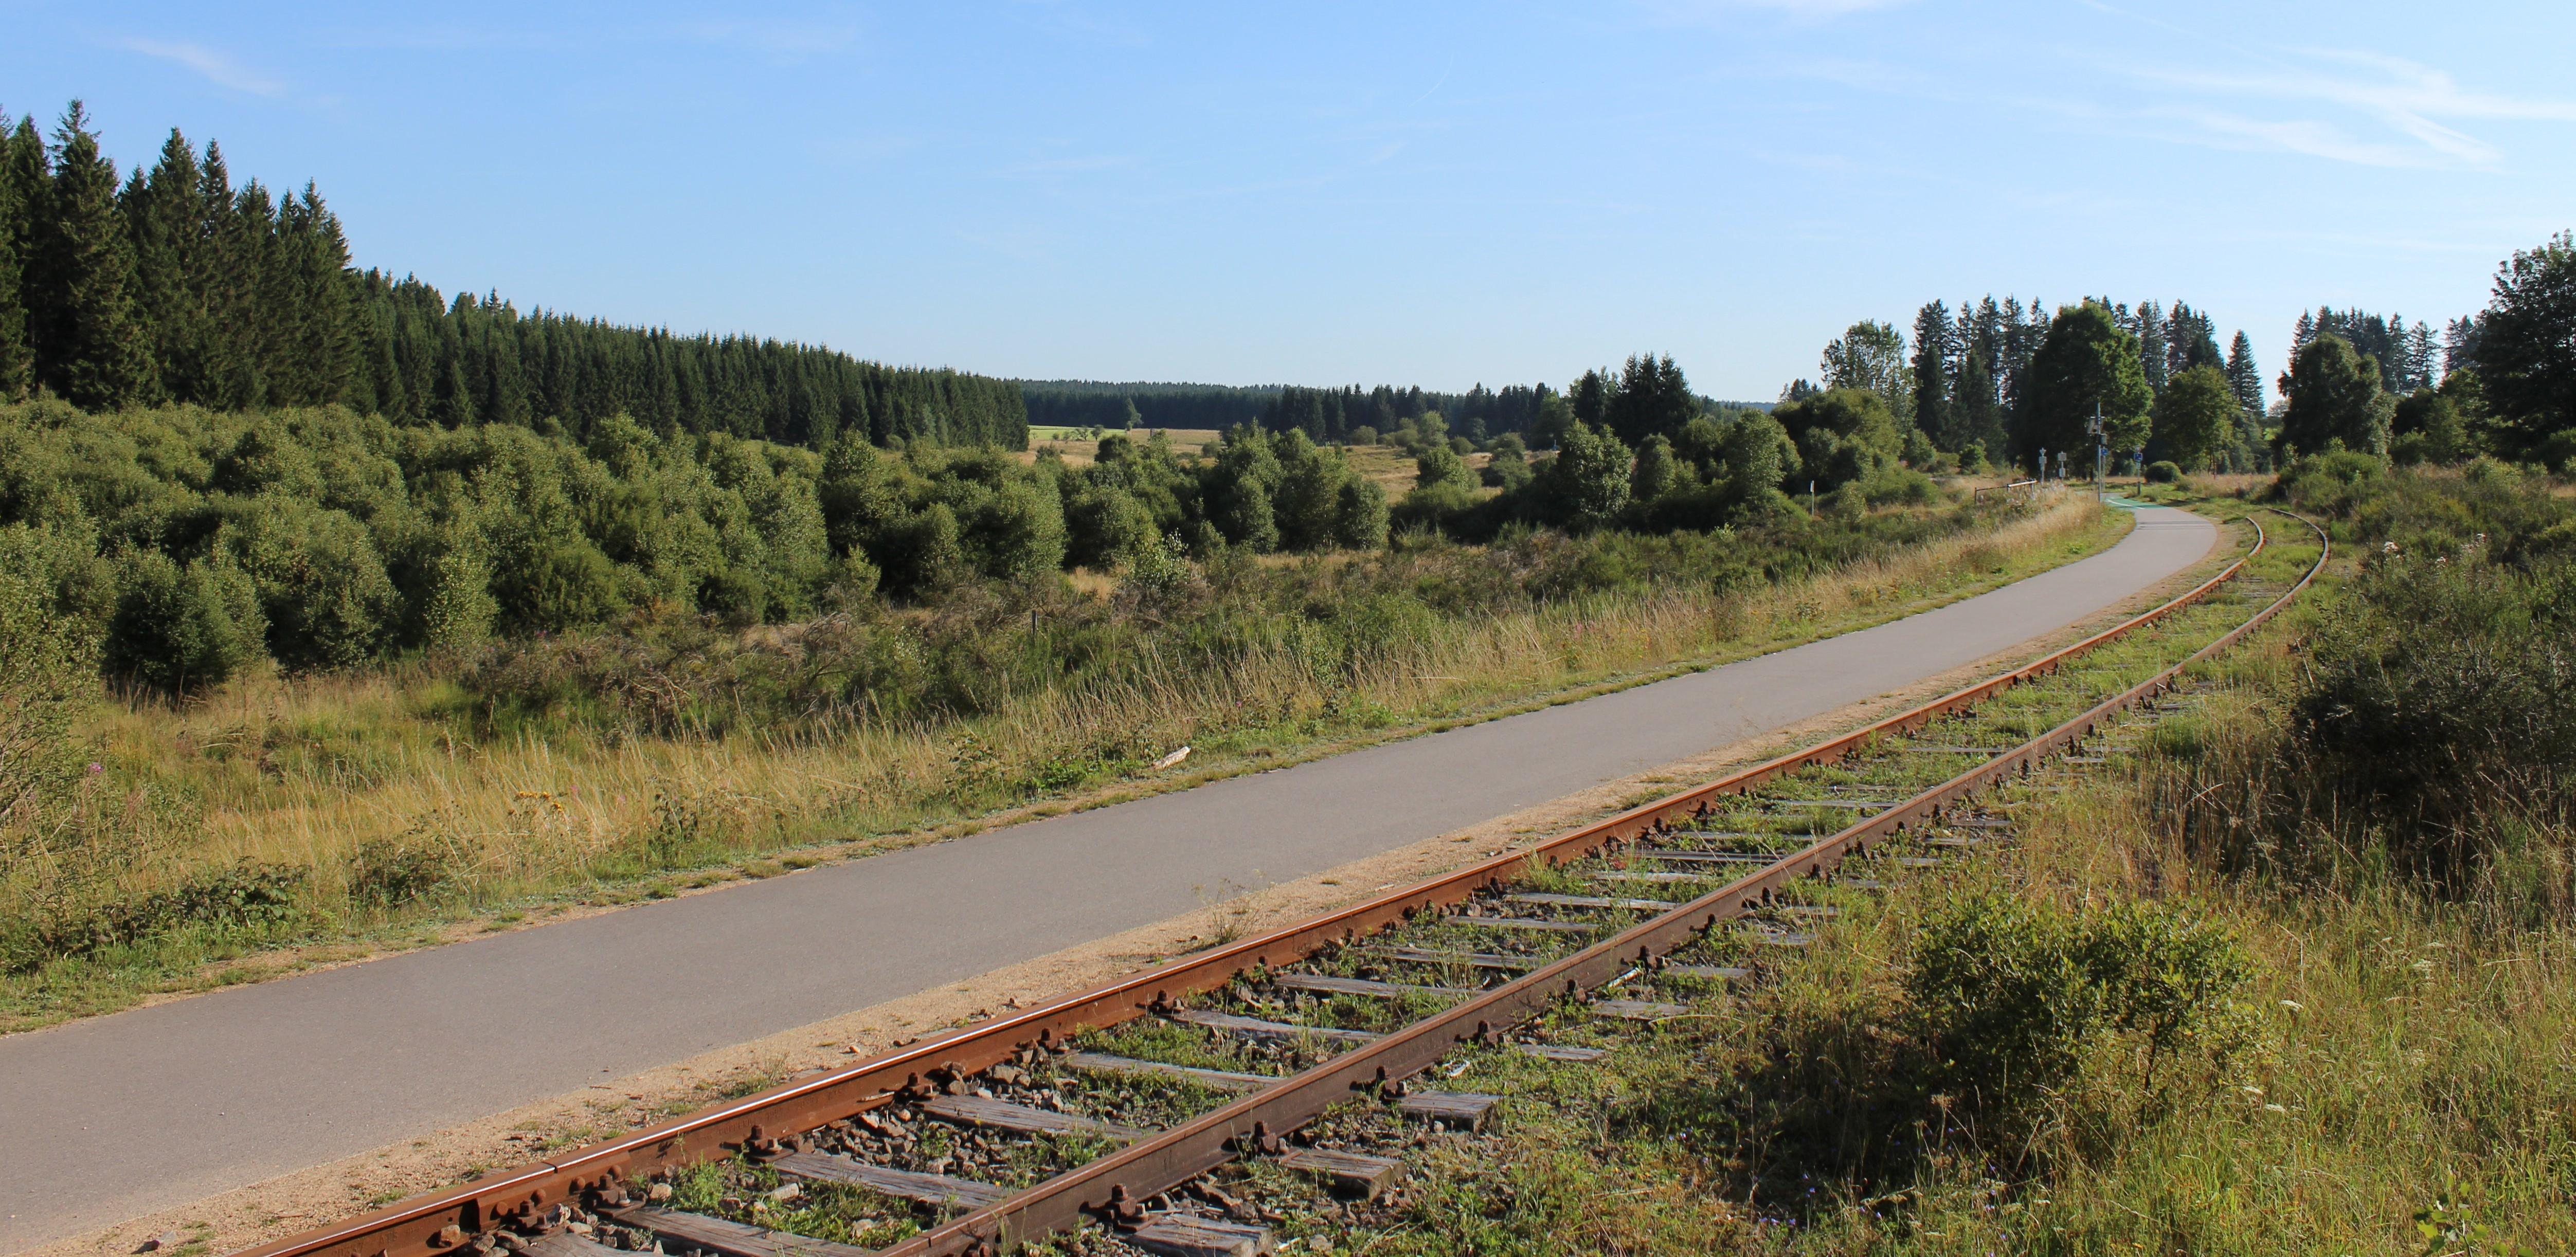 Die Vennbahn – früher Eisenbahn, heute Radwanderweg